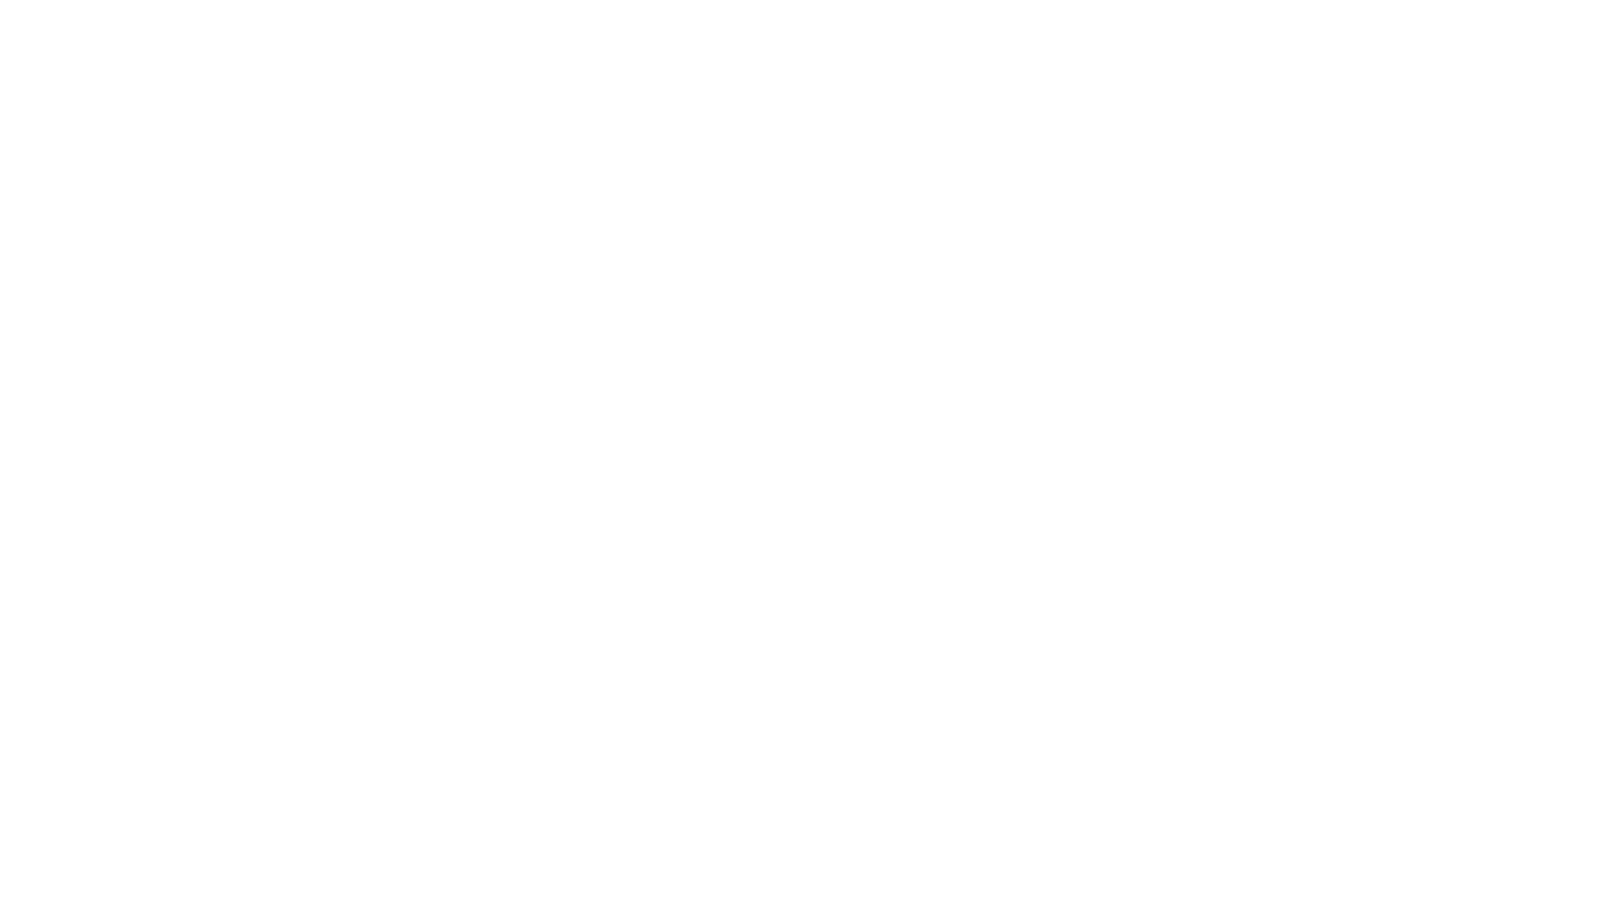 Zapraszamy do obejrzenia materiału filmowego podsumowującego PZLA Drużynowe Mistrzostwa Polski w lekkiej atletyce - Lublin 3 września 2021 r.   Wideo: Bartłomiej Wójtowicz